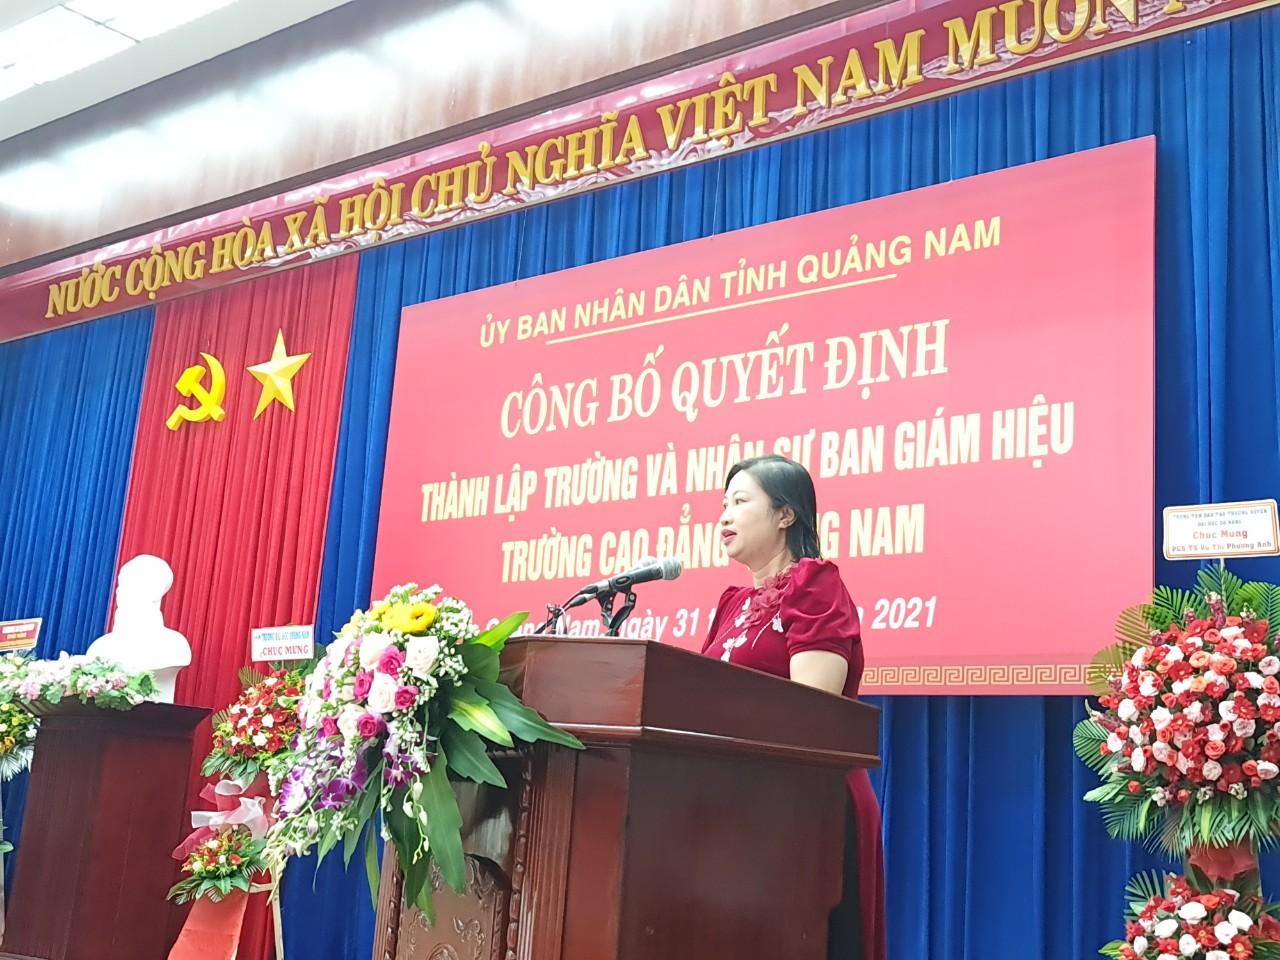 Chính thức thành lập Trường Cao đẳng Quảng Nam - Ảnh 7.